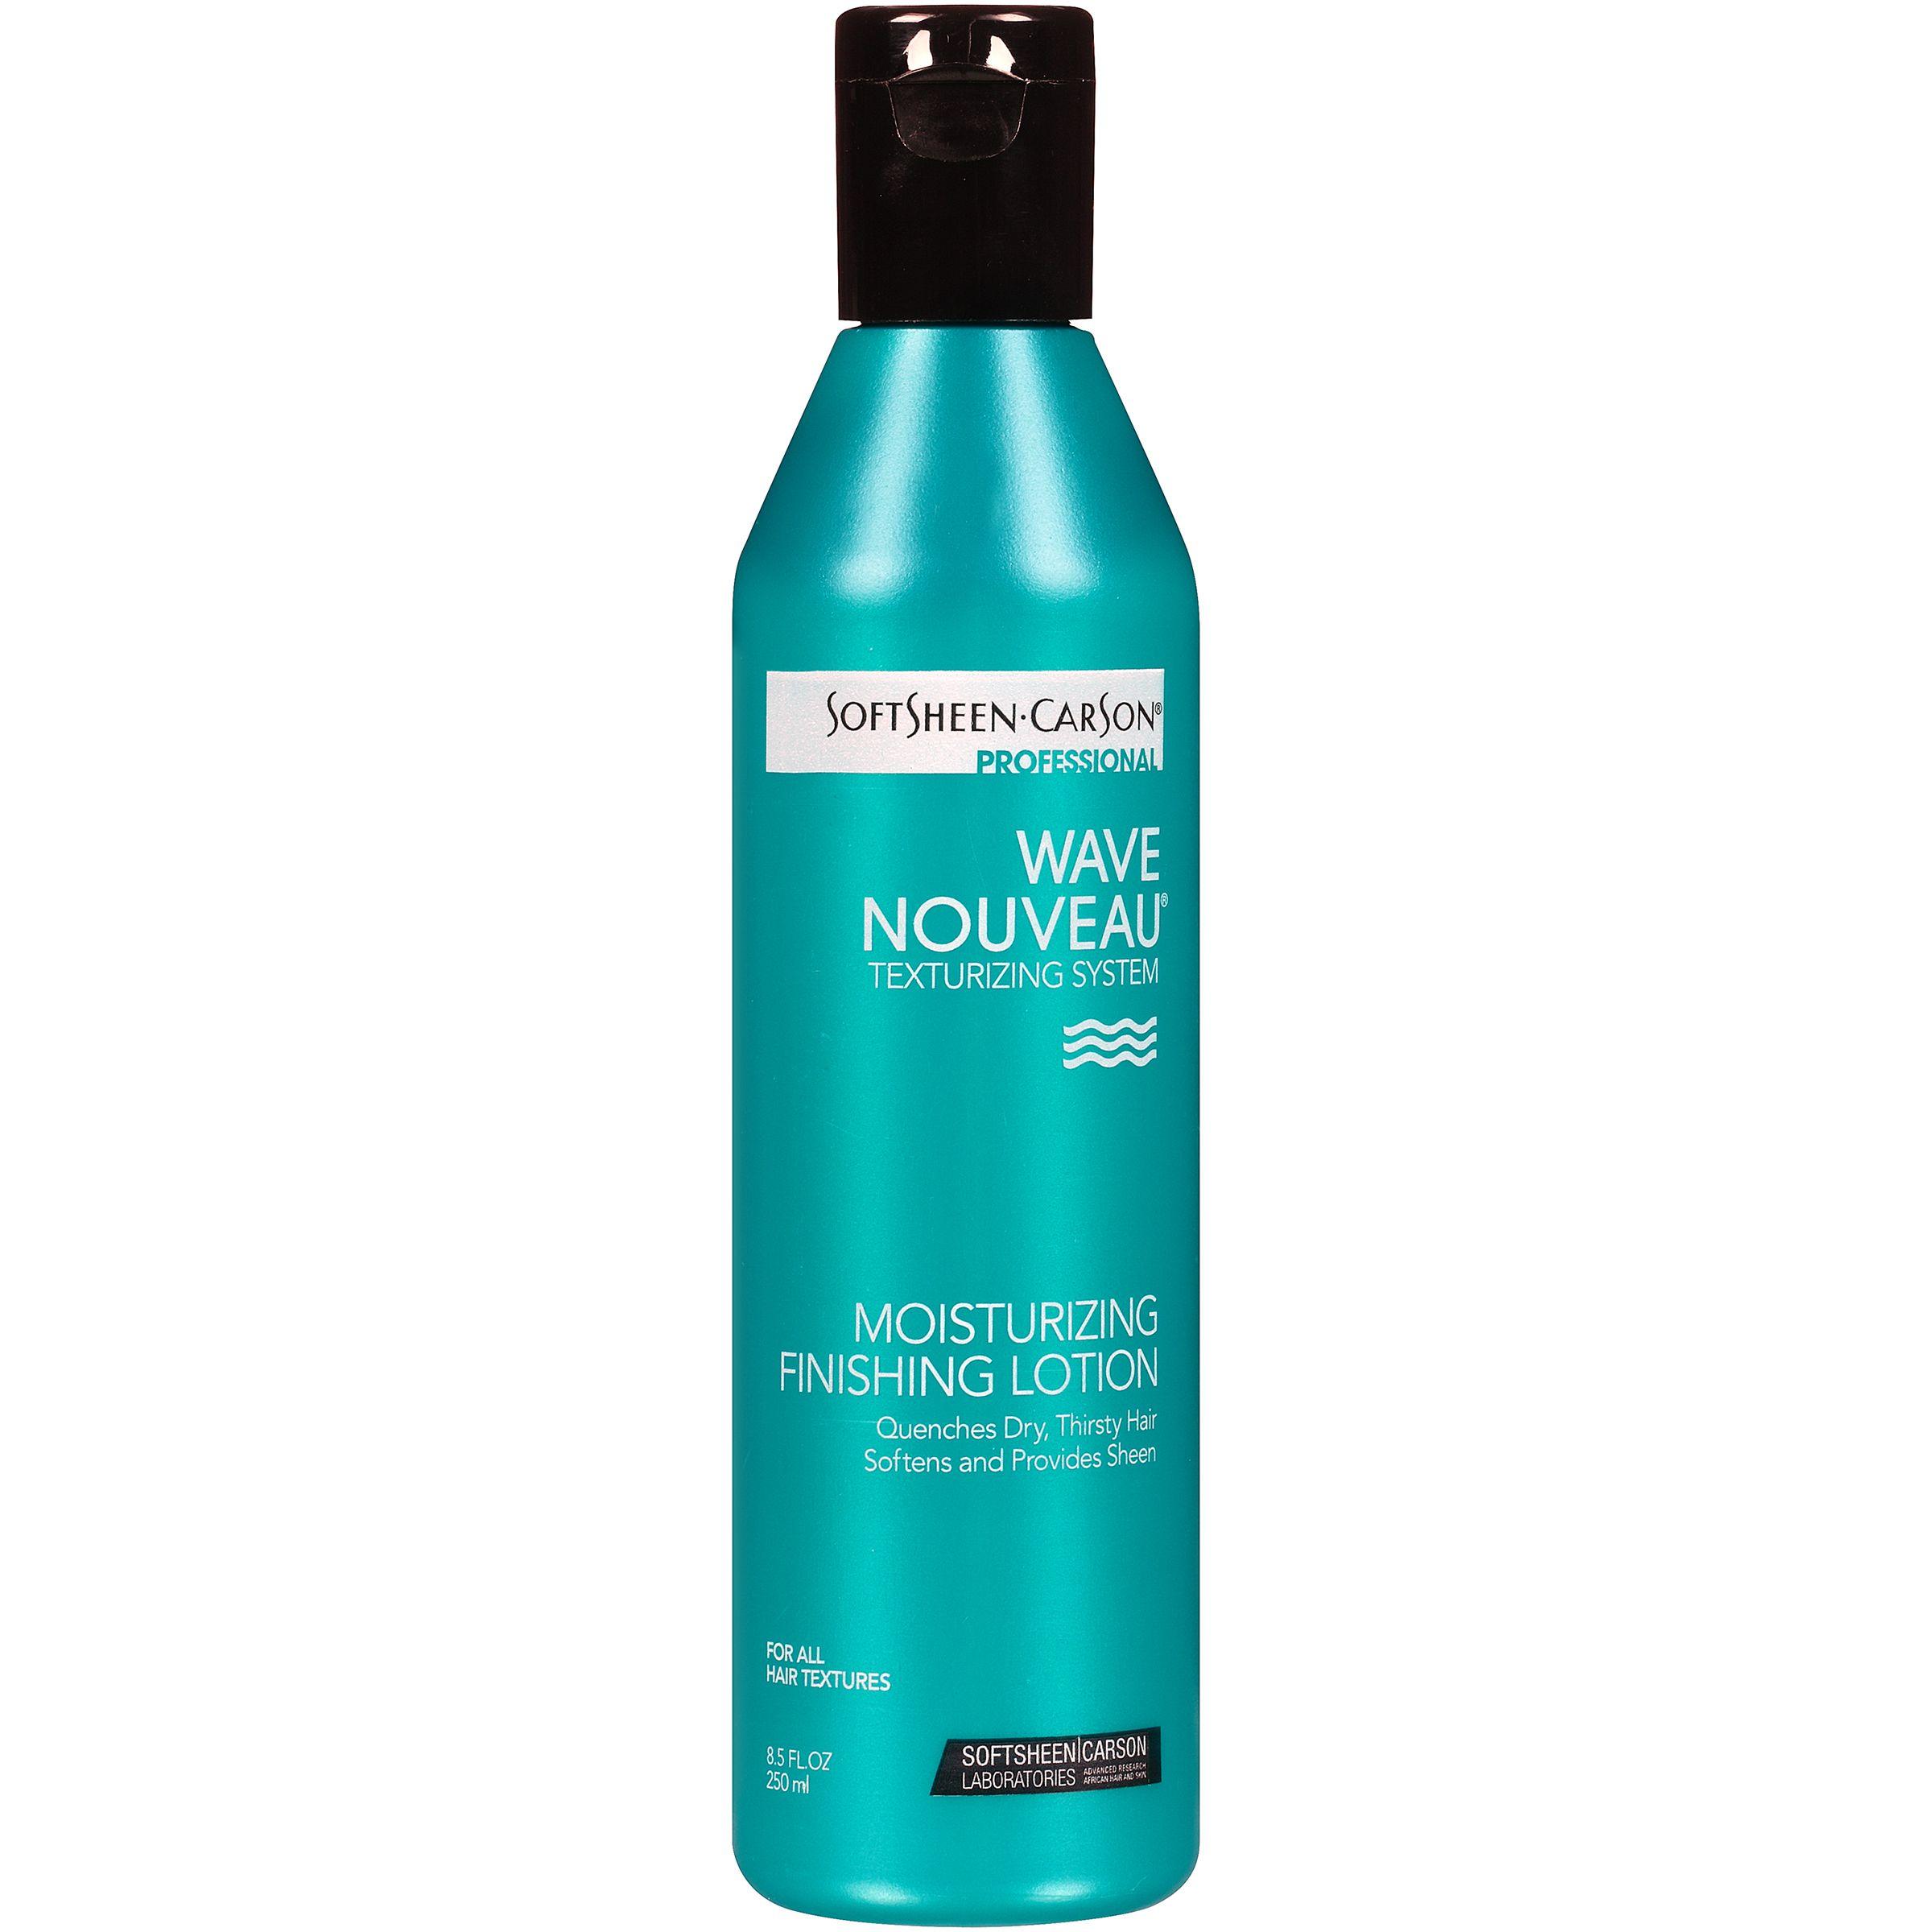 Wave Nouveau Moisturizing Lotion - 250ml